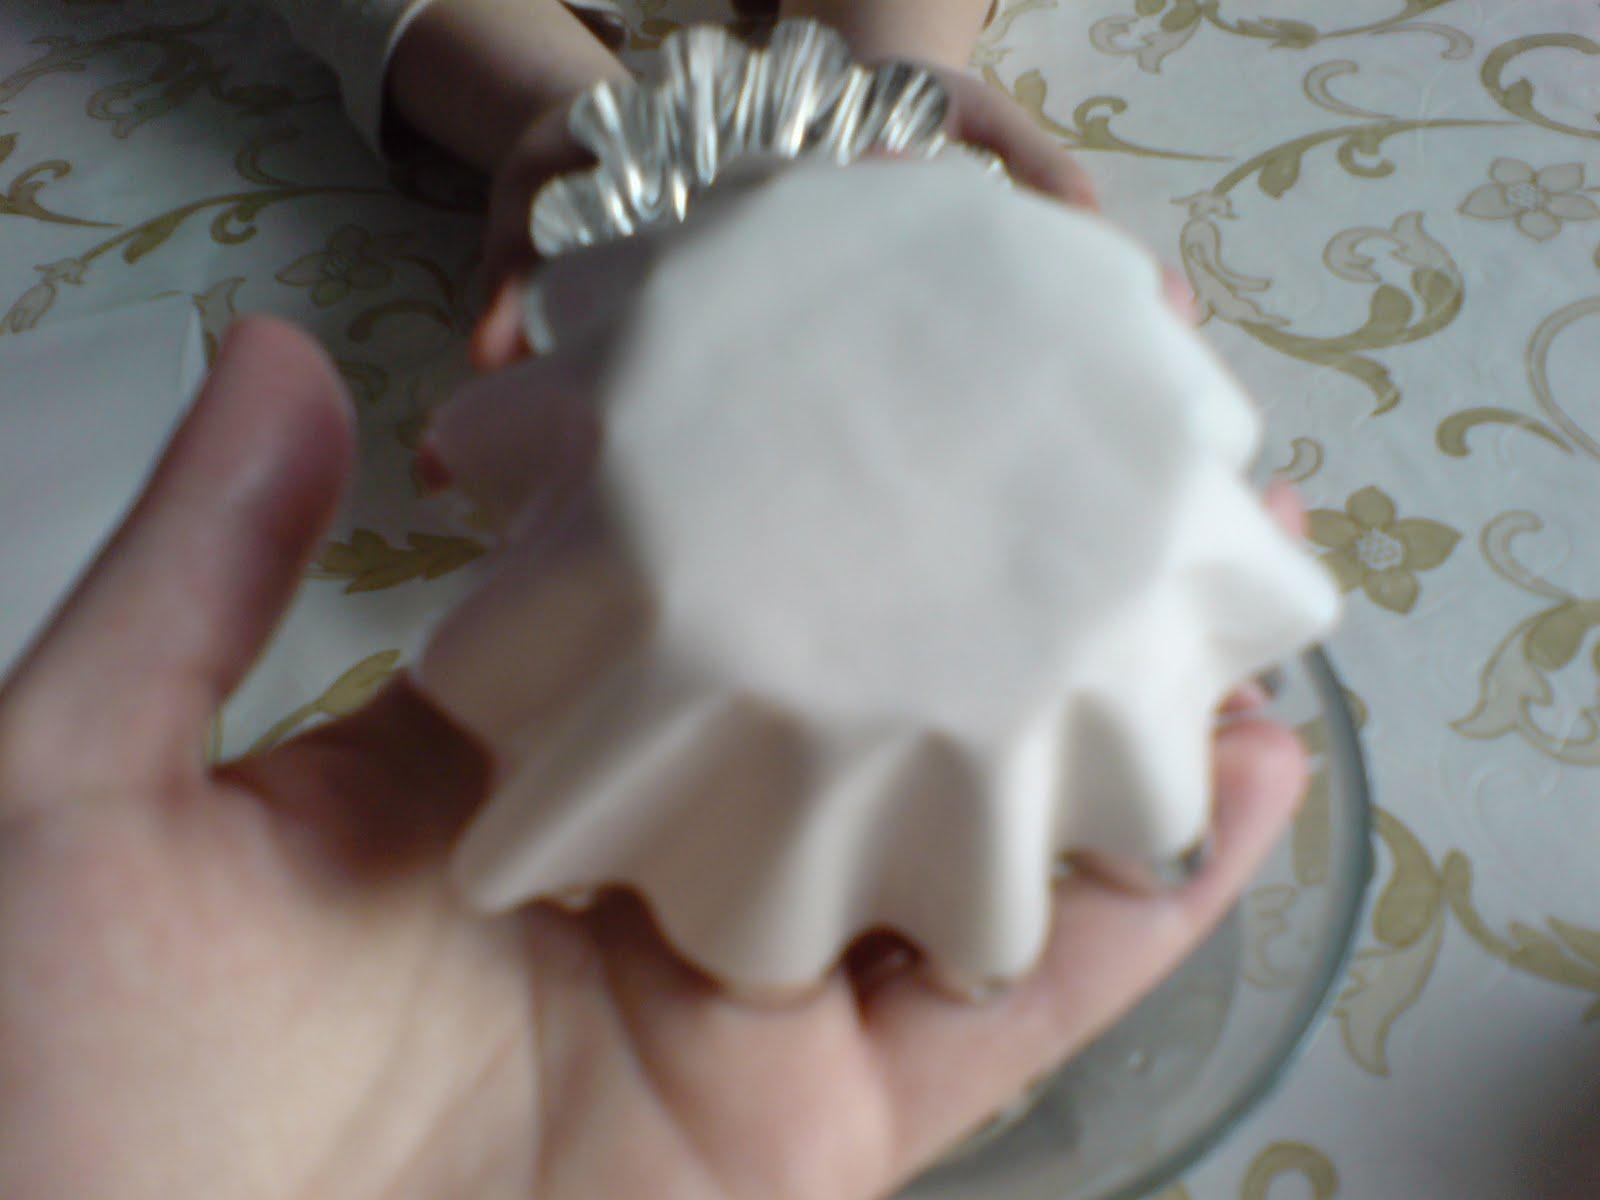 Формочки для кексов сделать своими руками